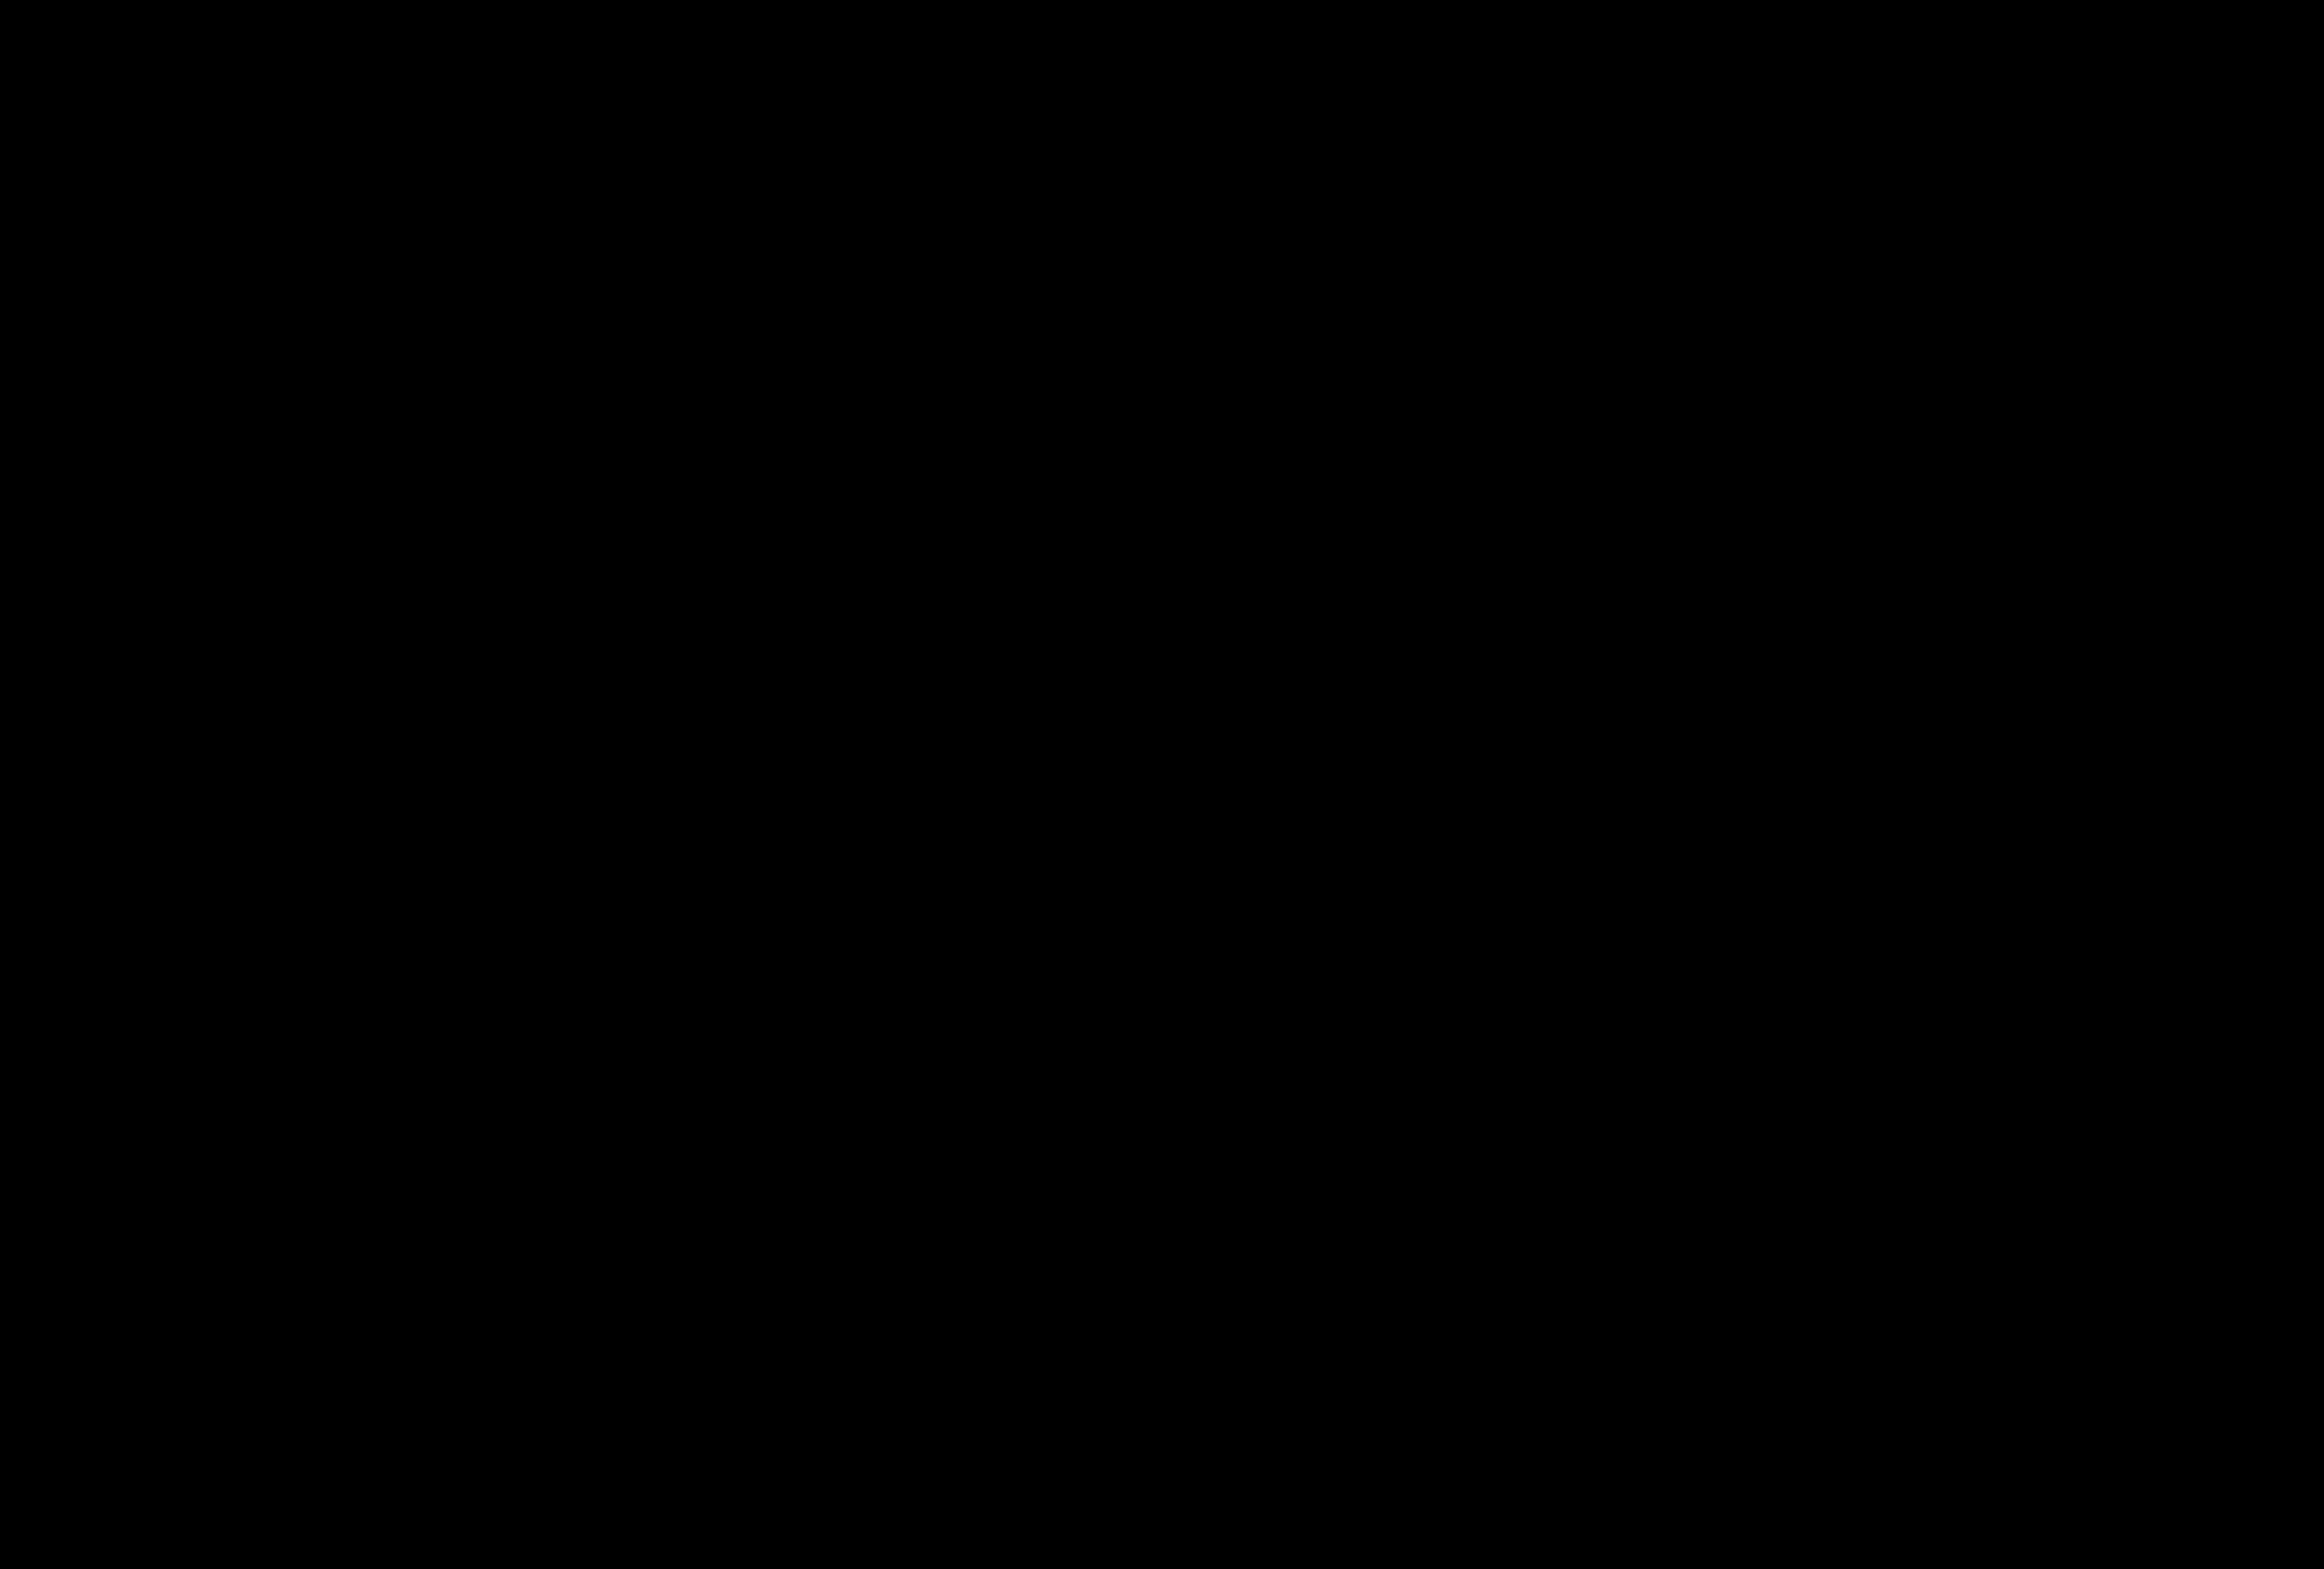 Clipart - Simple design 57